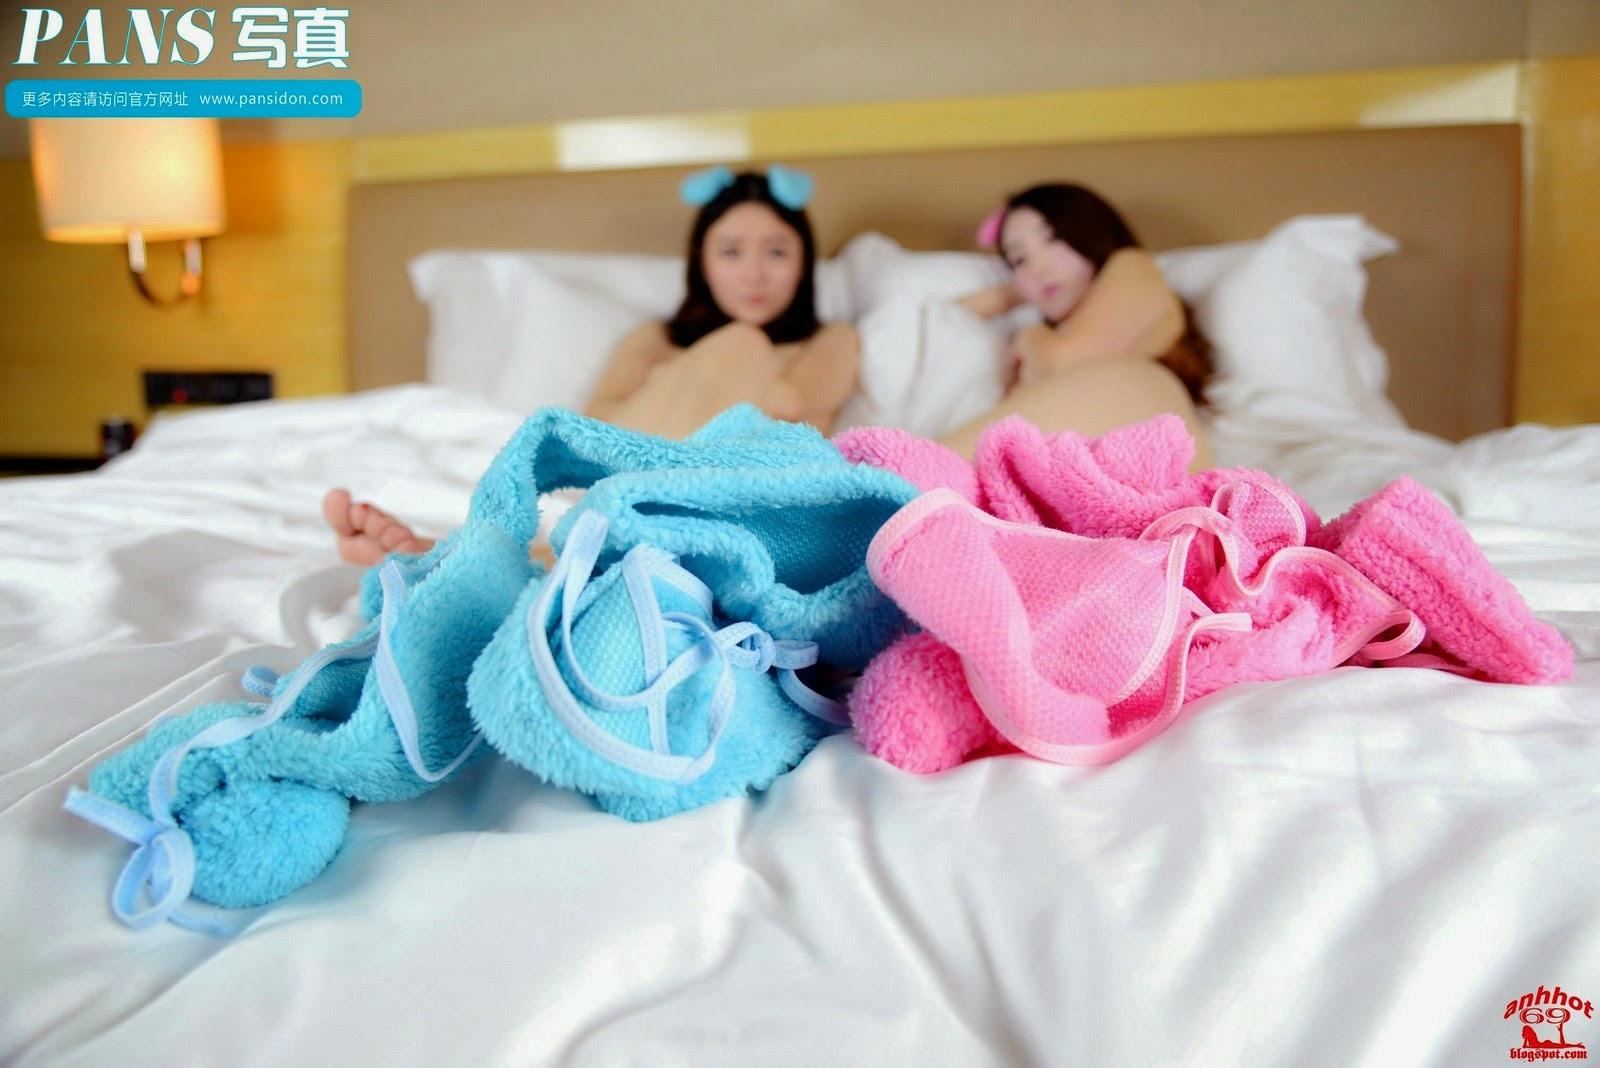 zi_xuan-pansidon-02678679